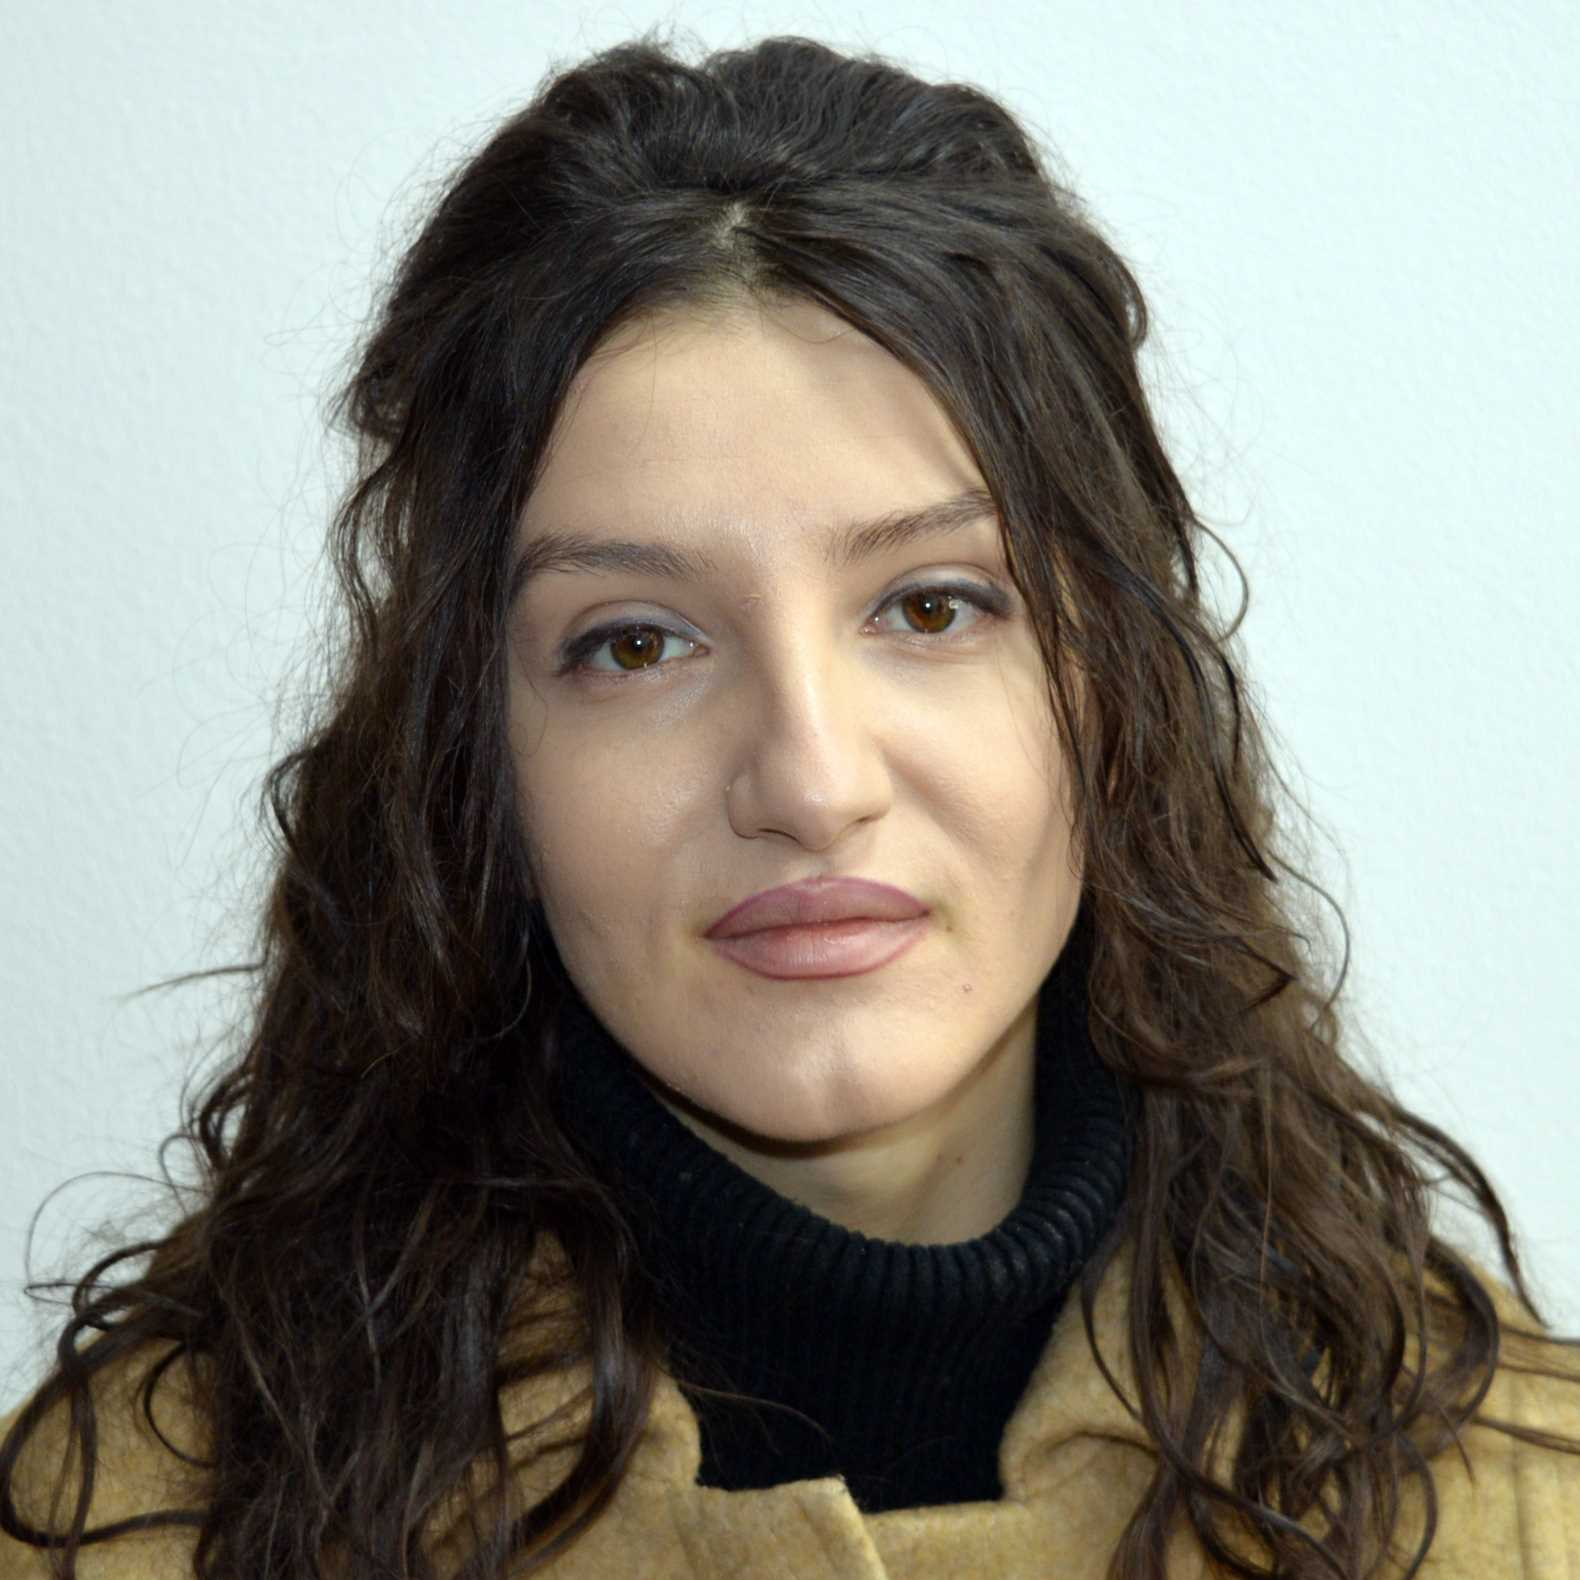 Marigona Krasniqi